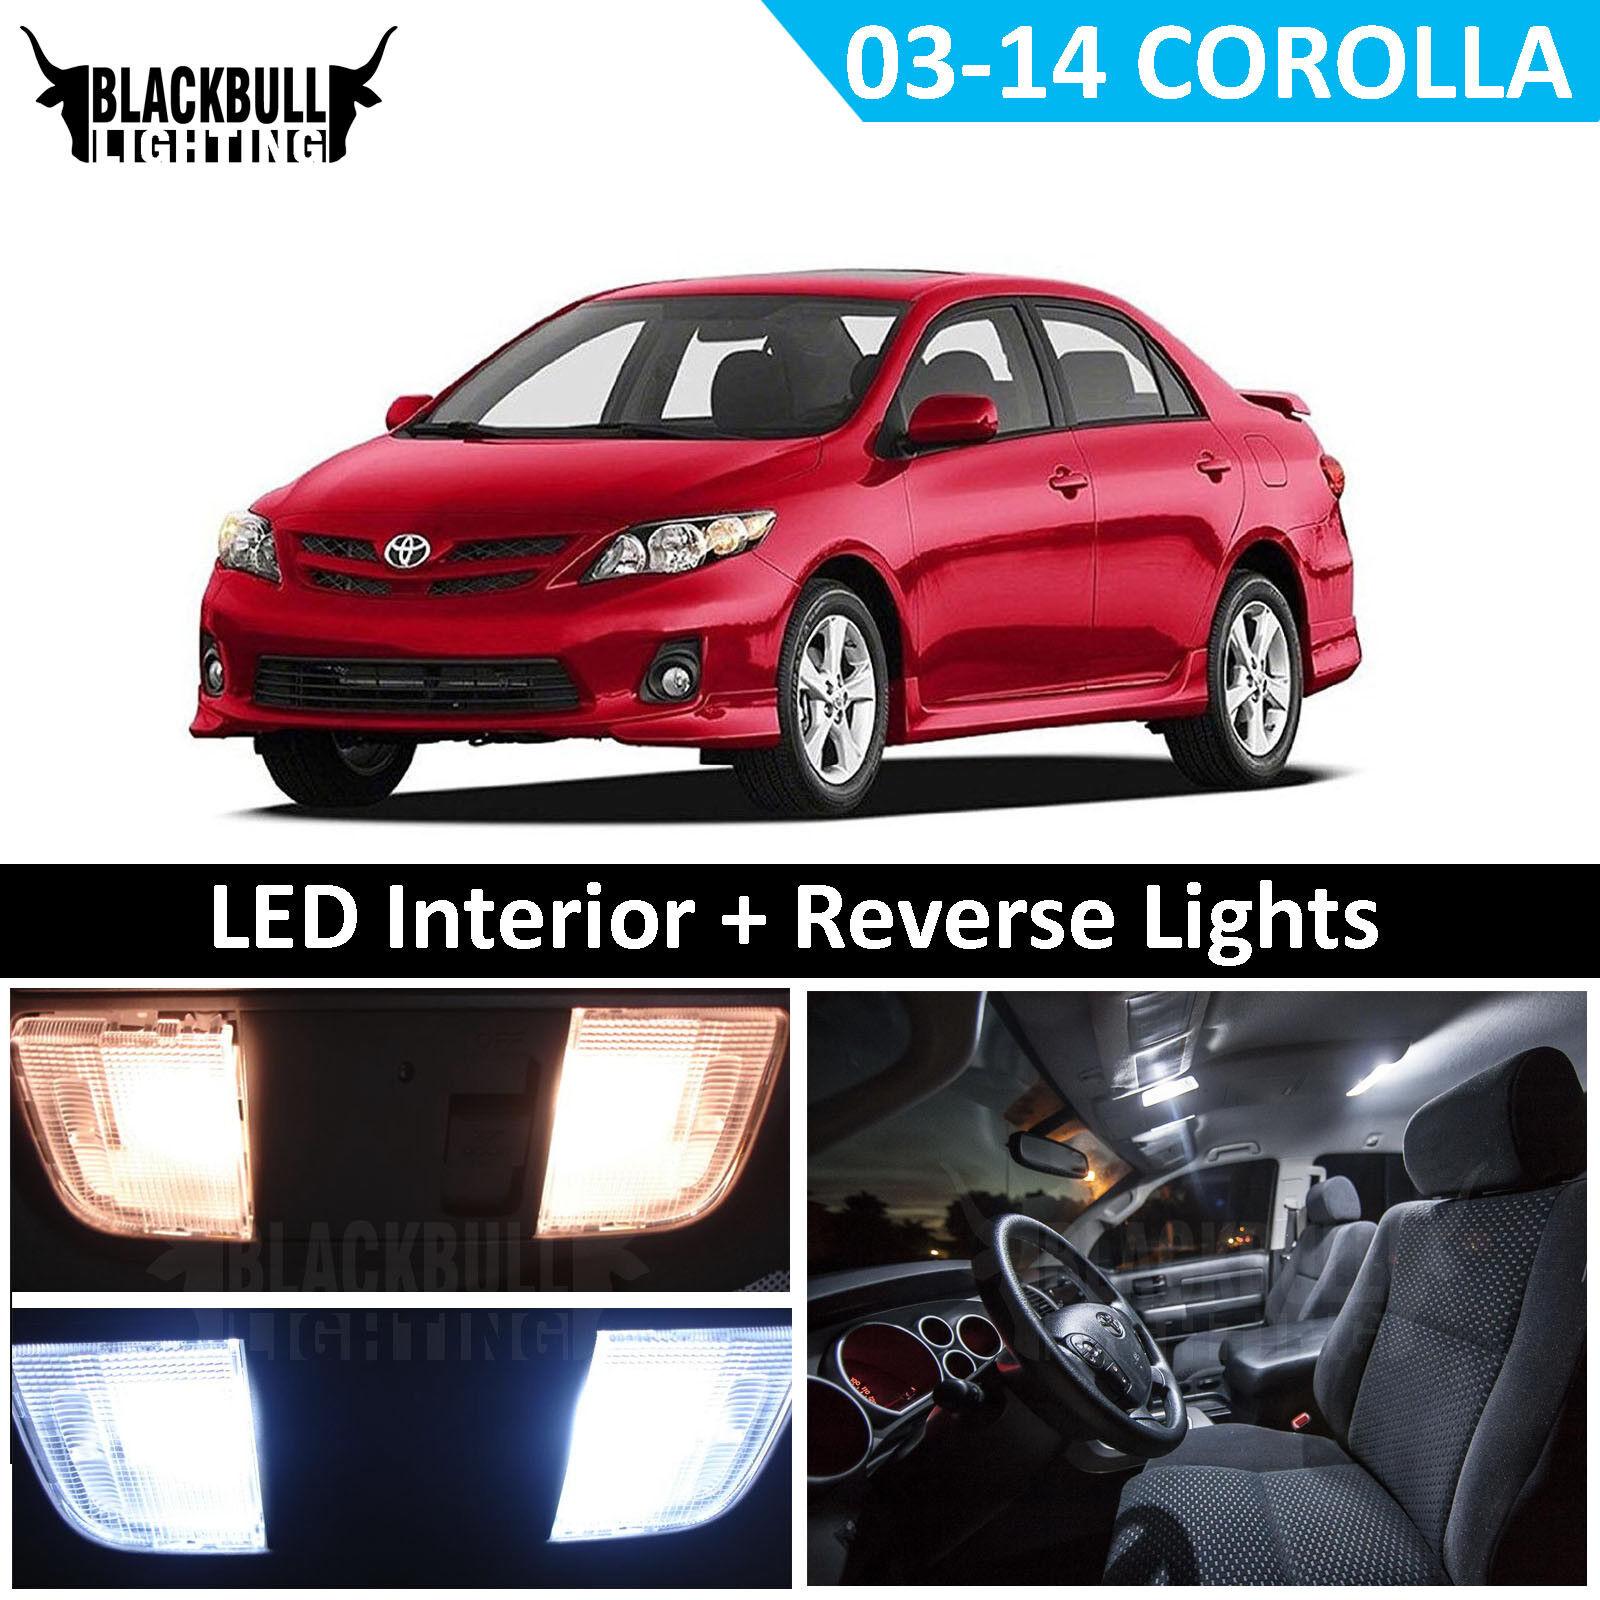 Reverse Light Package Kit for 2003-2014 Toyota Corolla White LED Interior